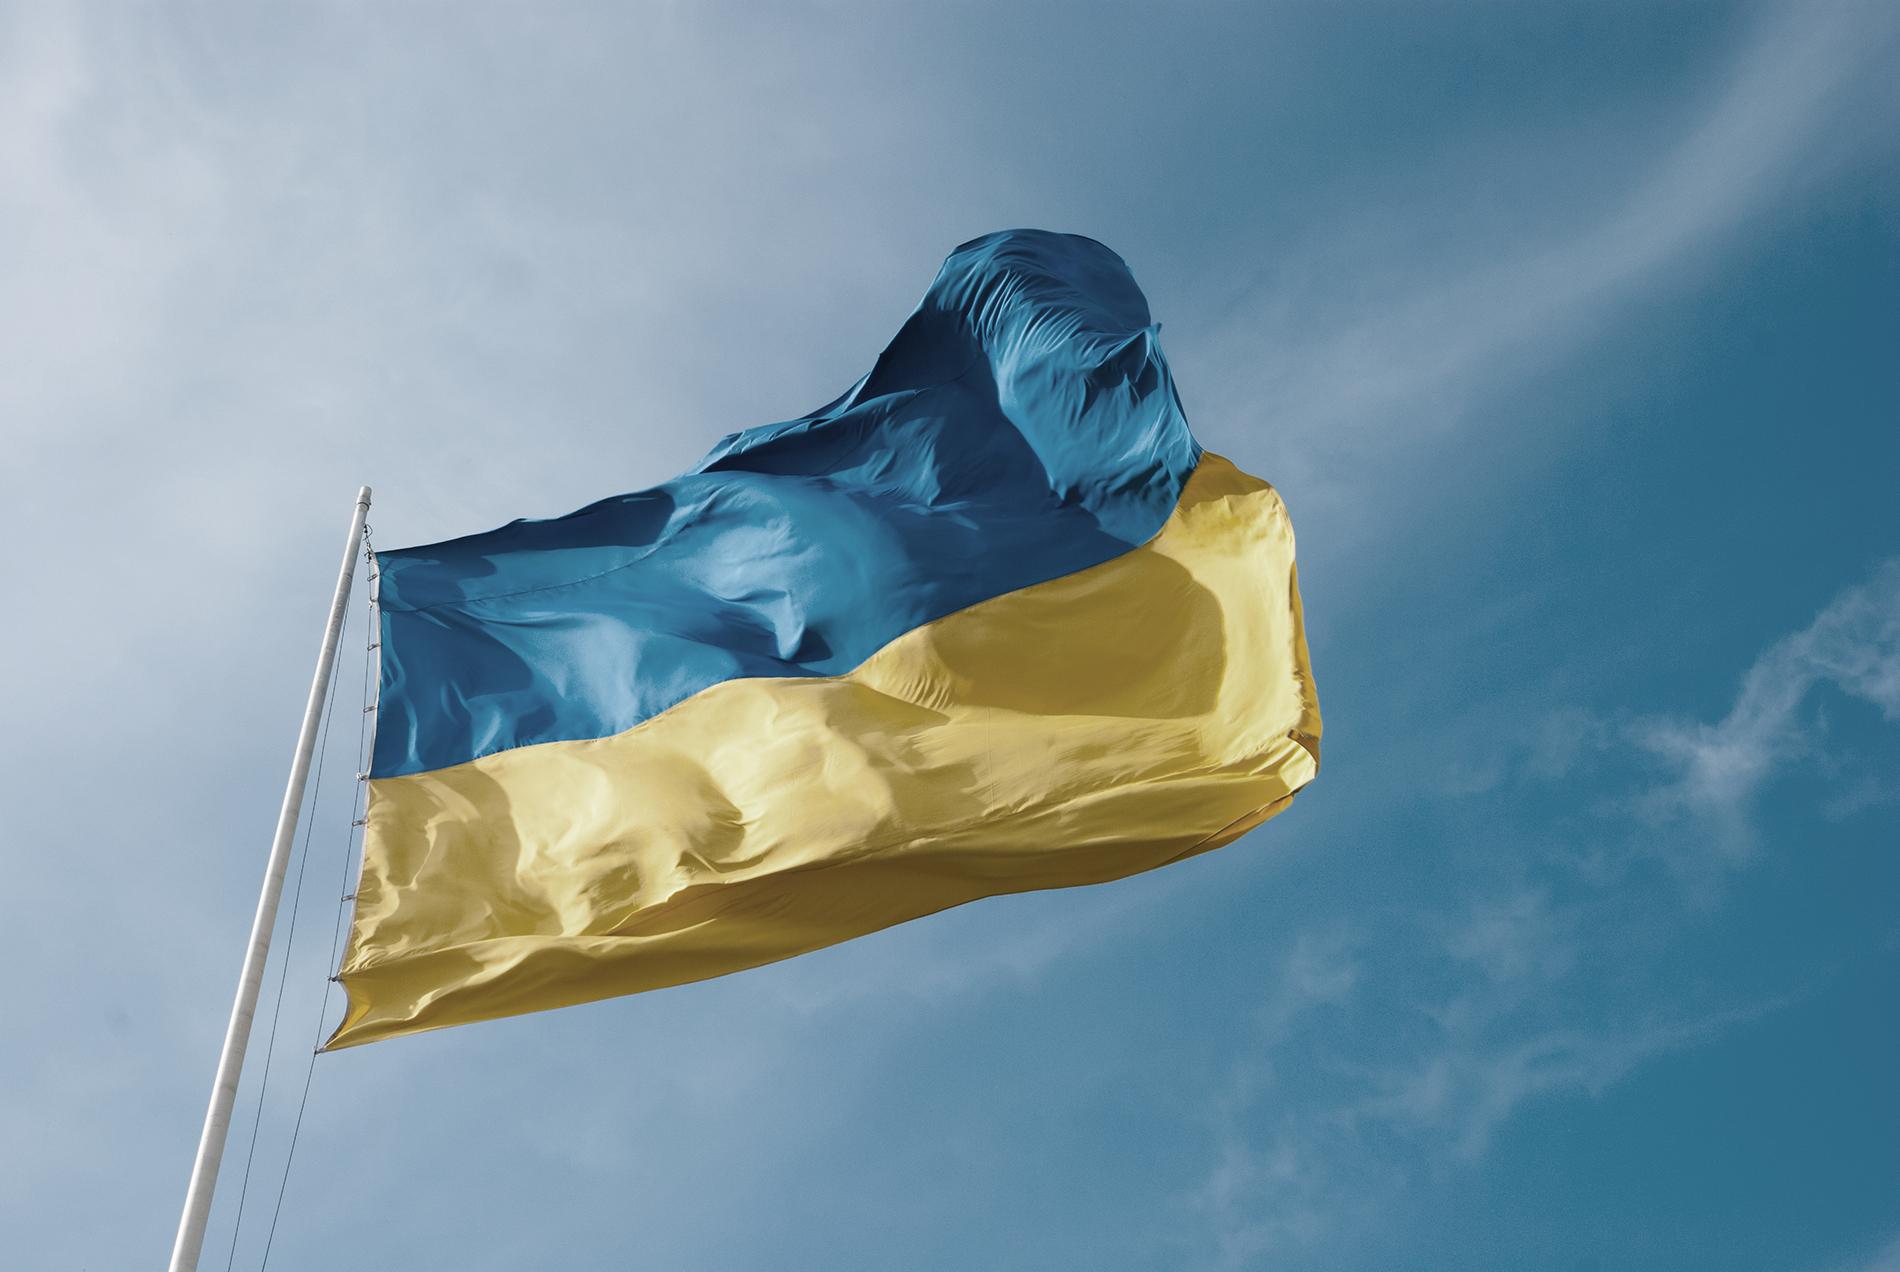 Украине предрекли ещё более тяжёлые времена после встречи Путина и Байдена